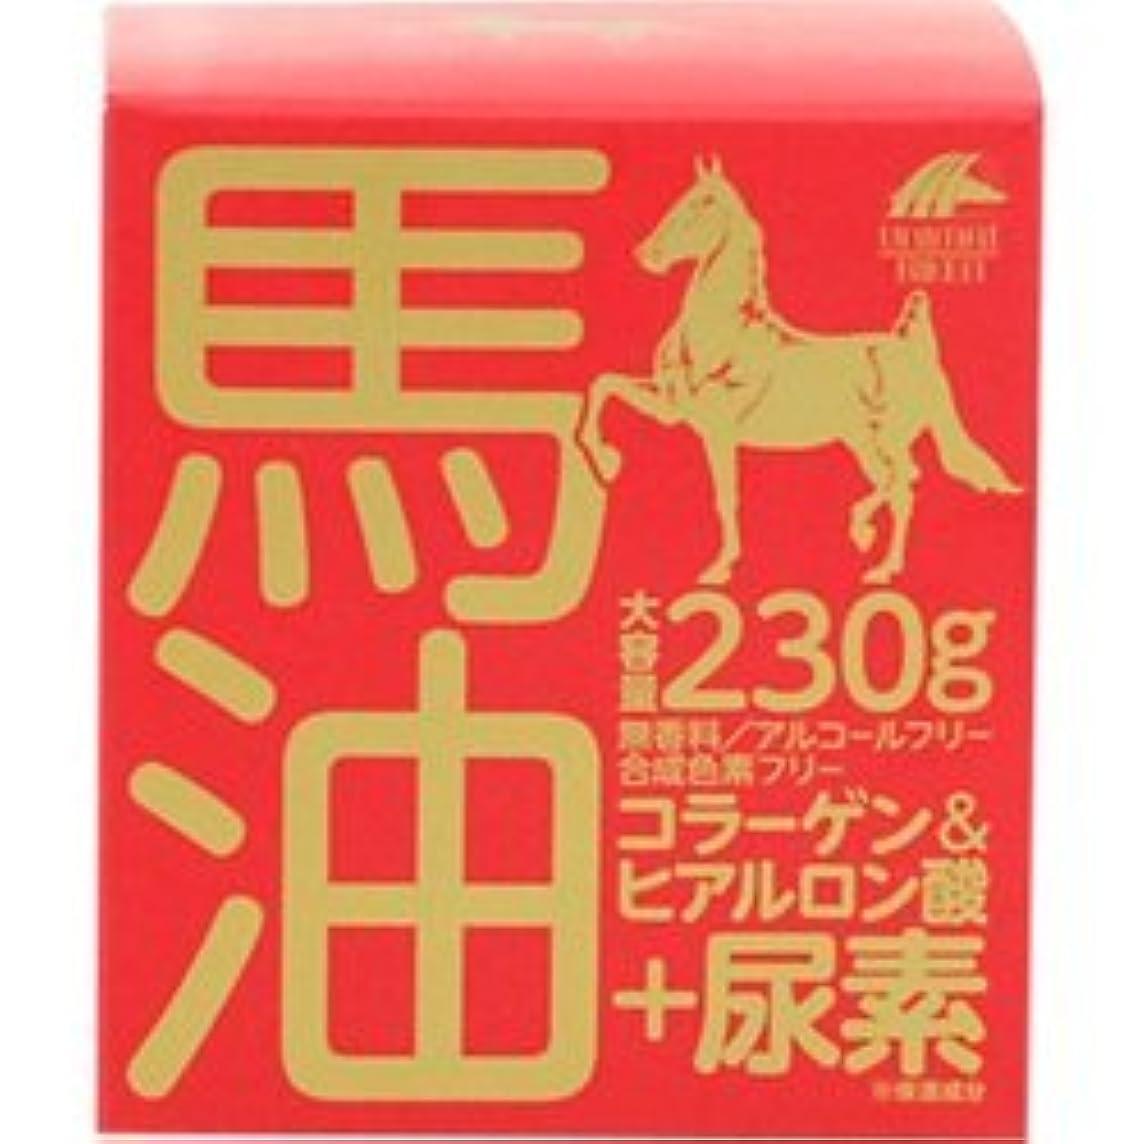 湿度微視的地雷原【ユニマットリケン】馬油クリーム+尿素 230g ×10個セット